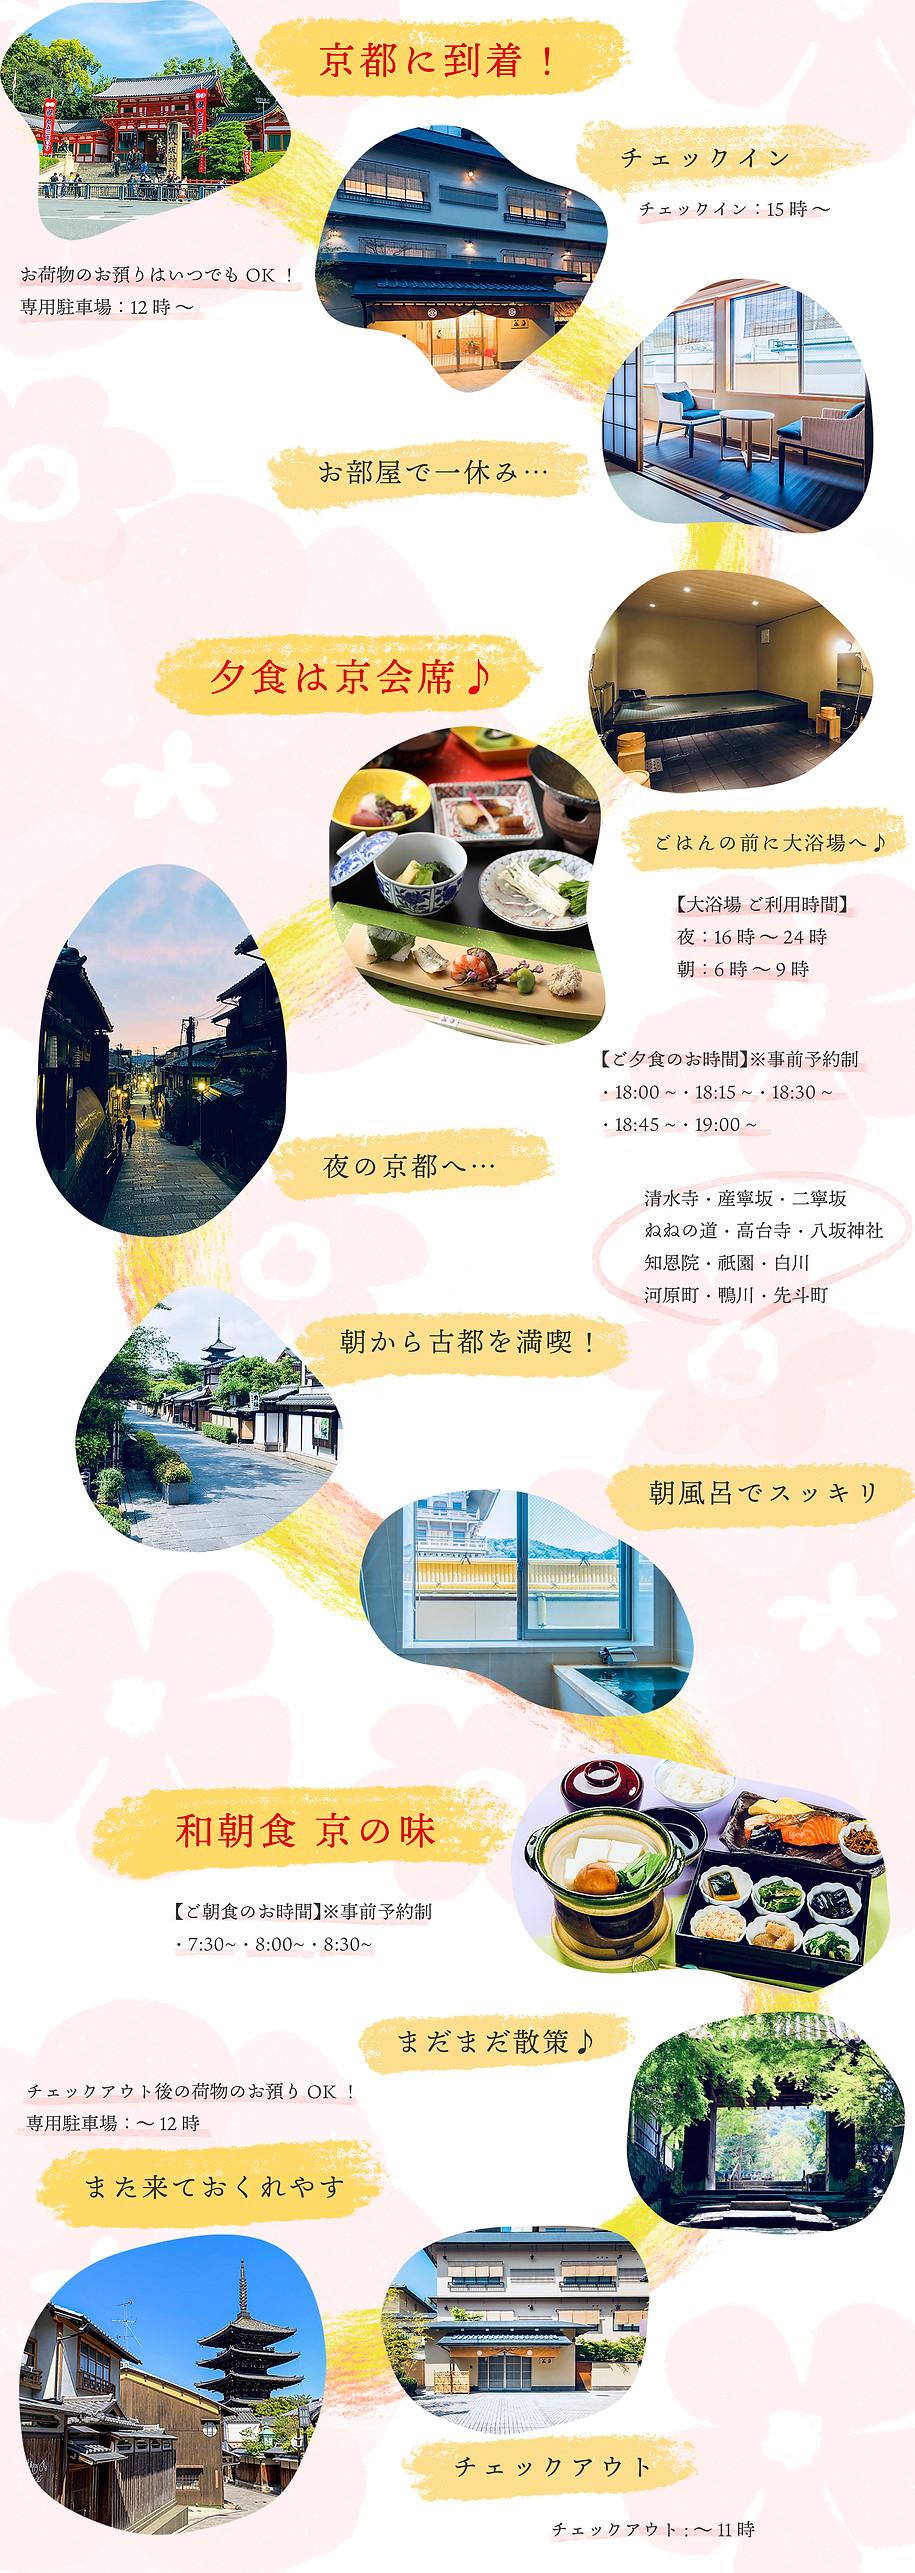 spend_time_at_karaku_ver2.jpg